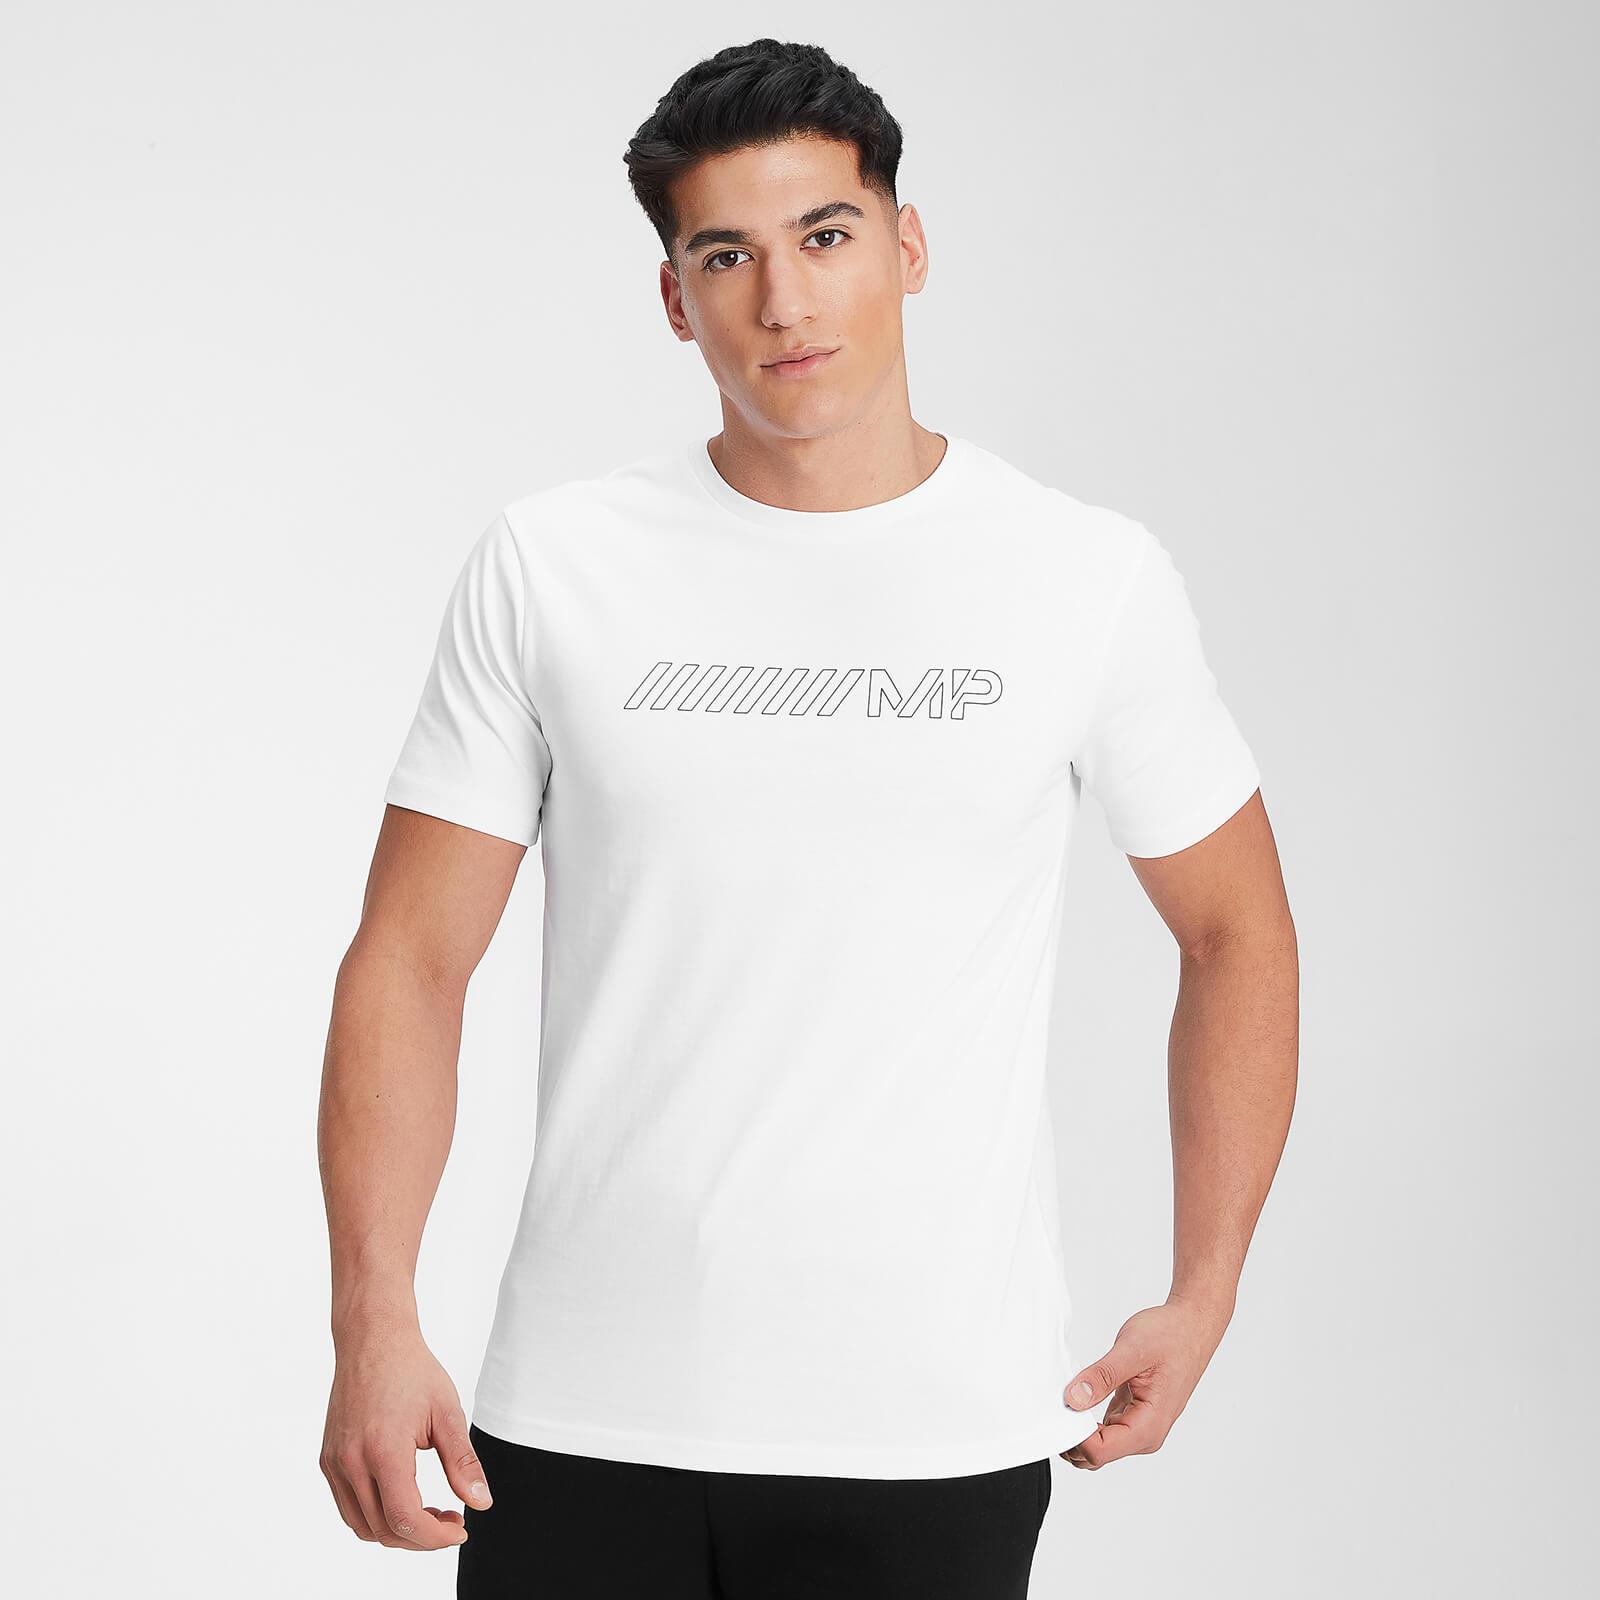 Купить MP Men's Outline Graphic Short Sleeve T-Shirt - White - XXS, Myprotein International